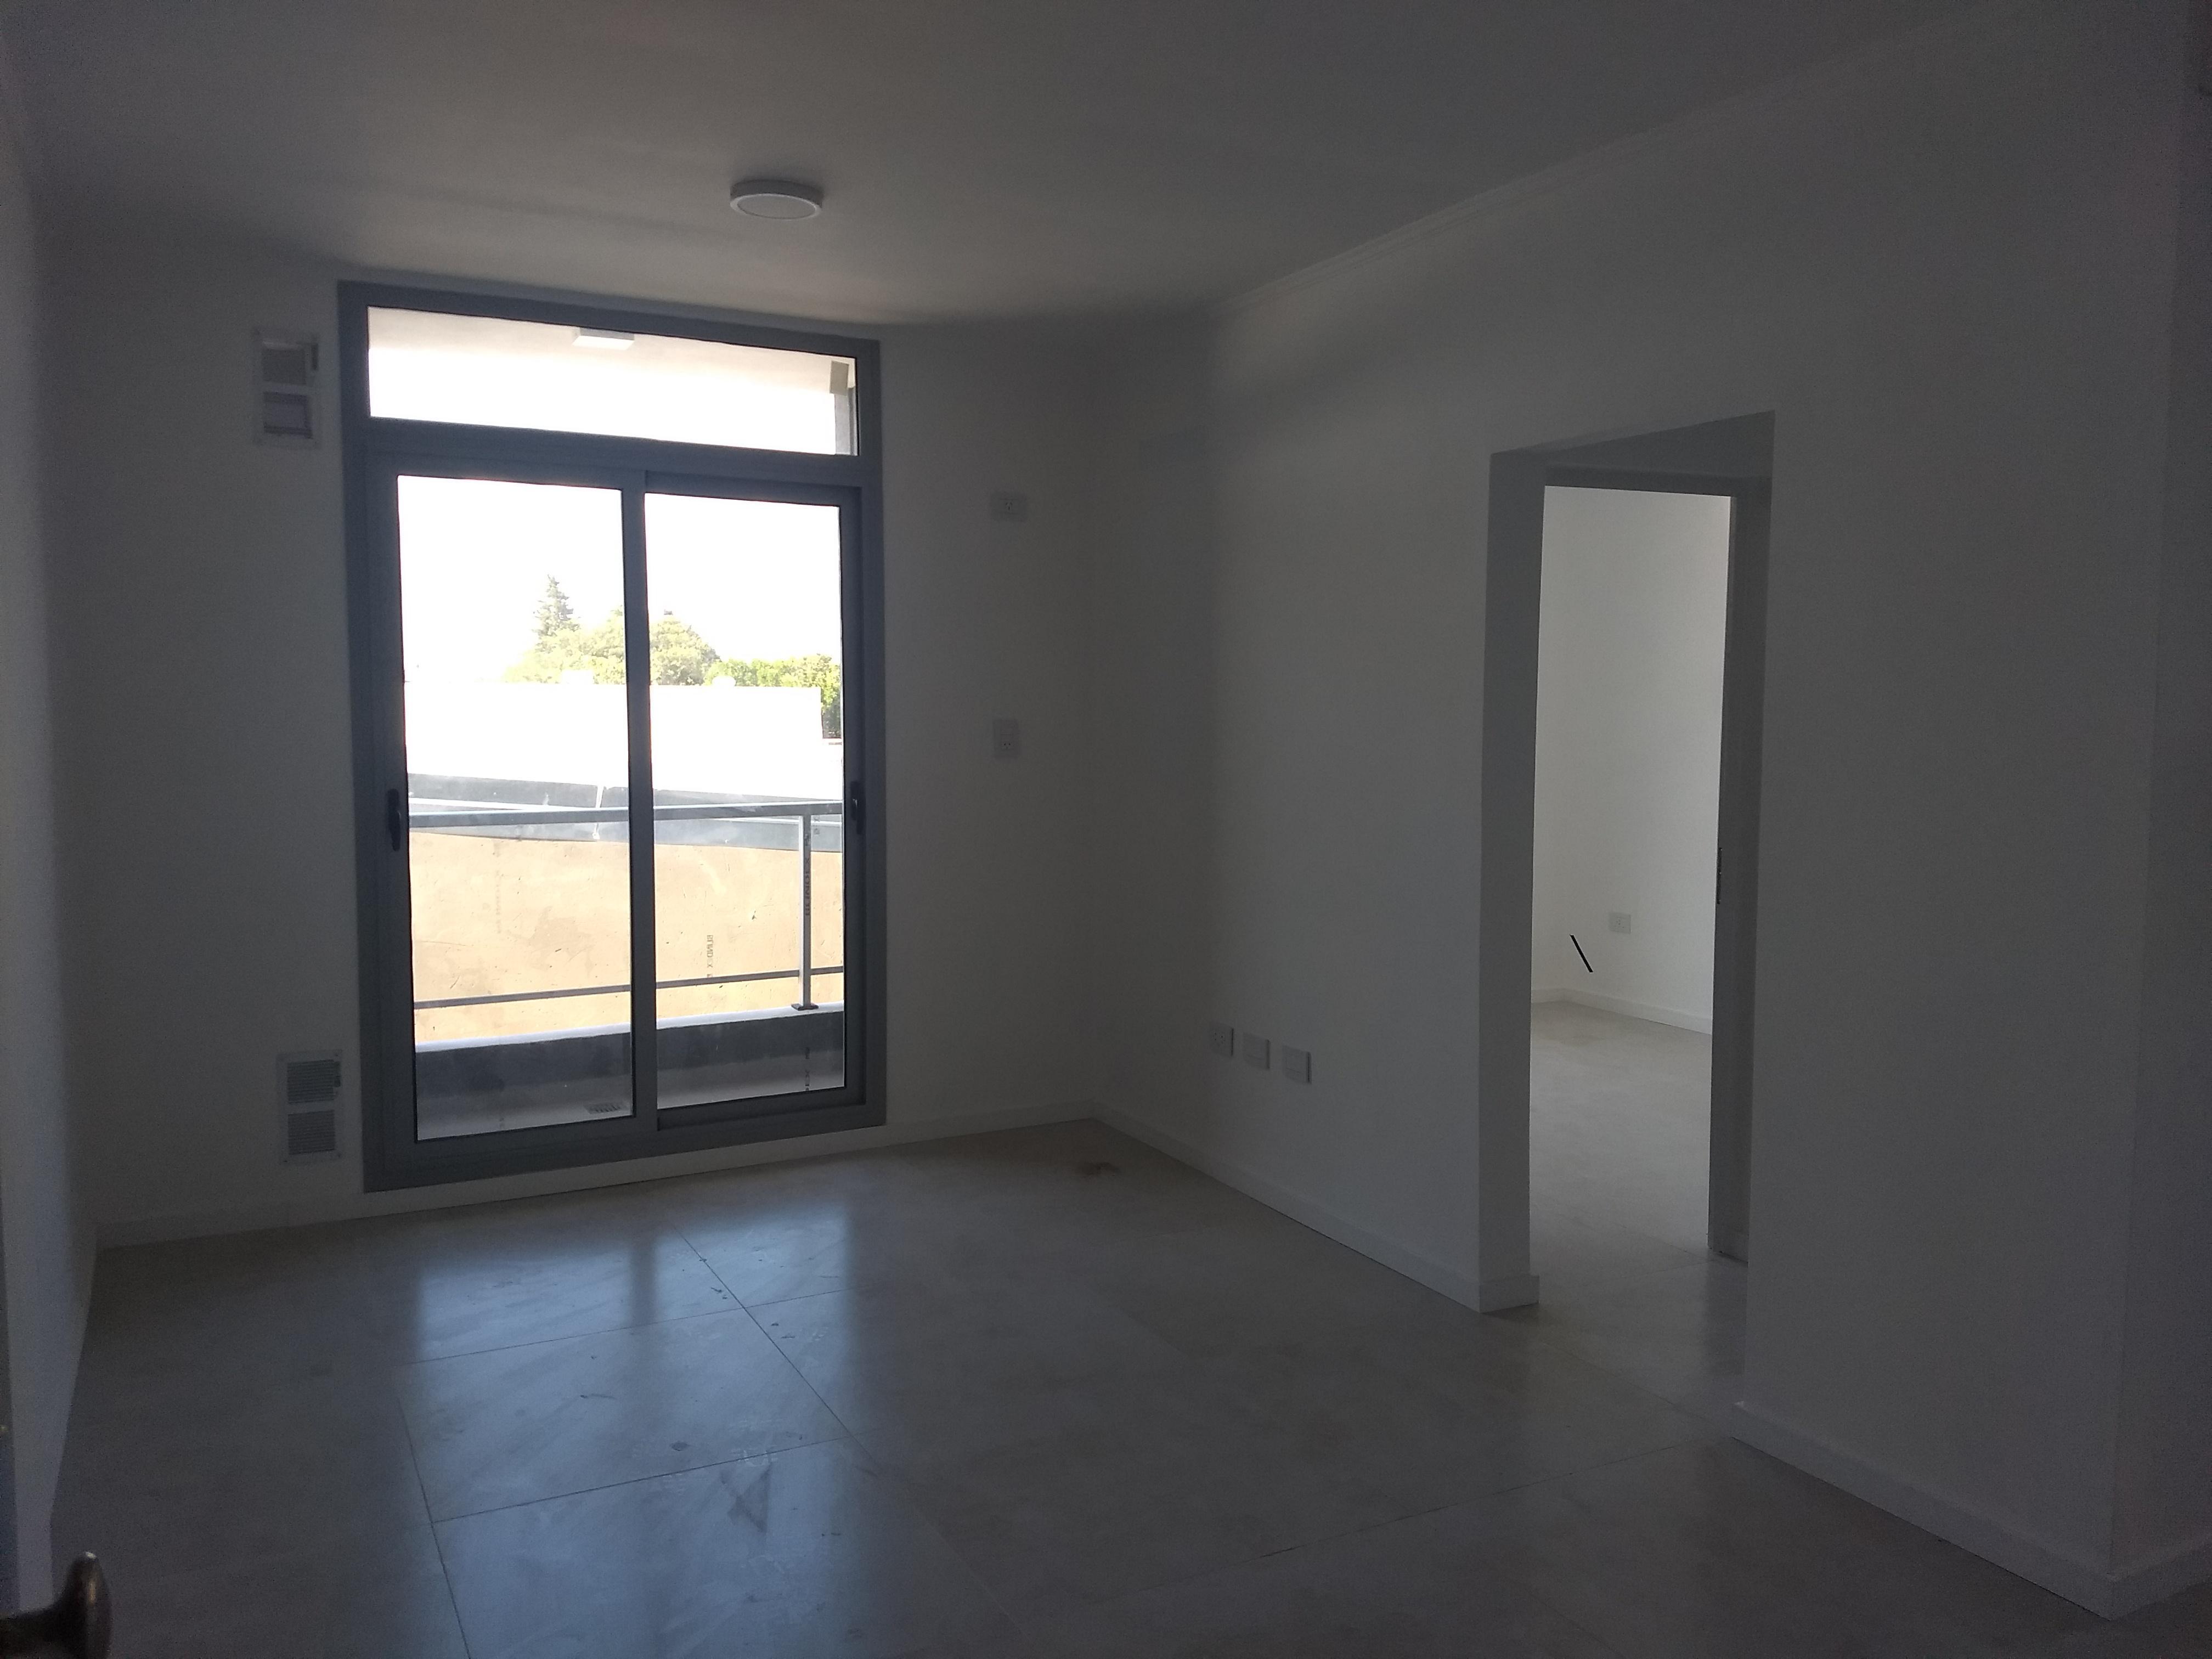 Torre MyA (Maipú y Arenales 3º Dpto.3) - Gaggiotti Inmobiliaria cuenta con más de 50 años desde que se inicio en el negocio de los servicios inmobiliarios.